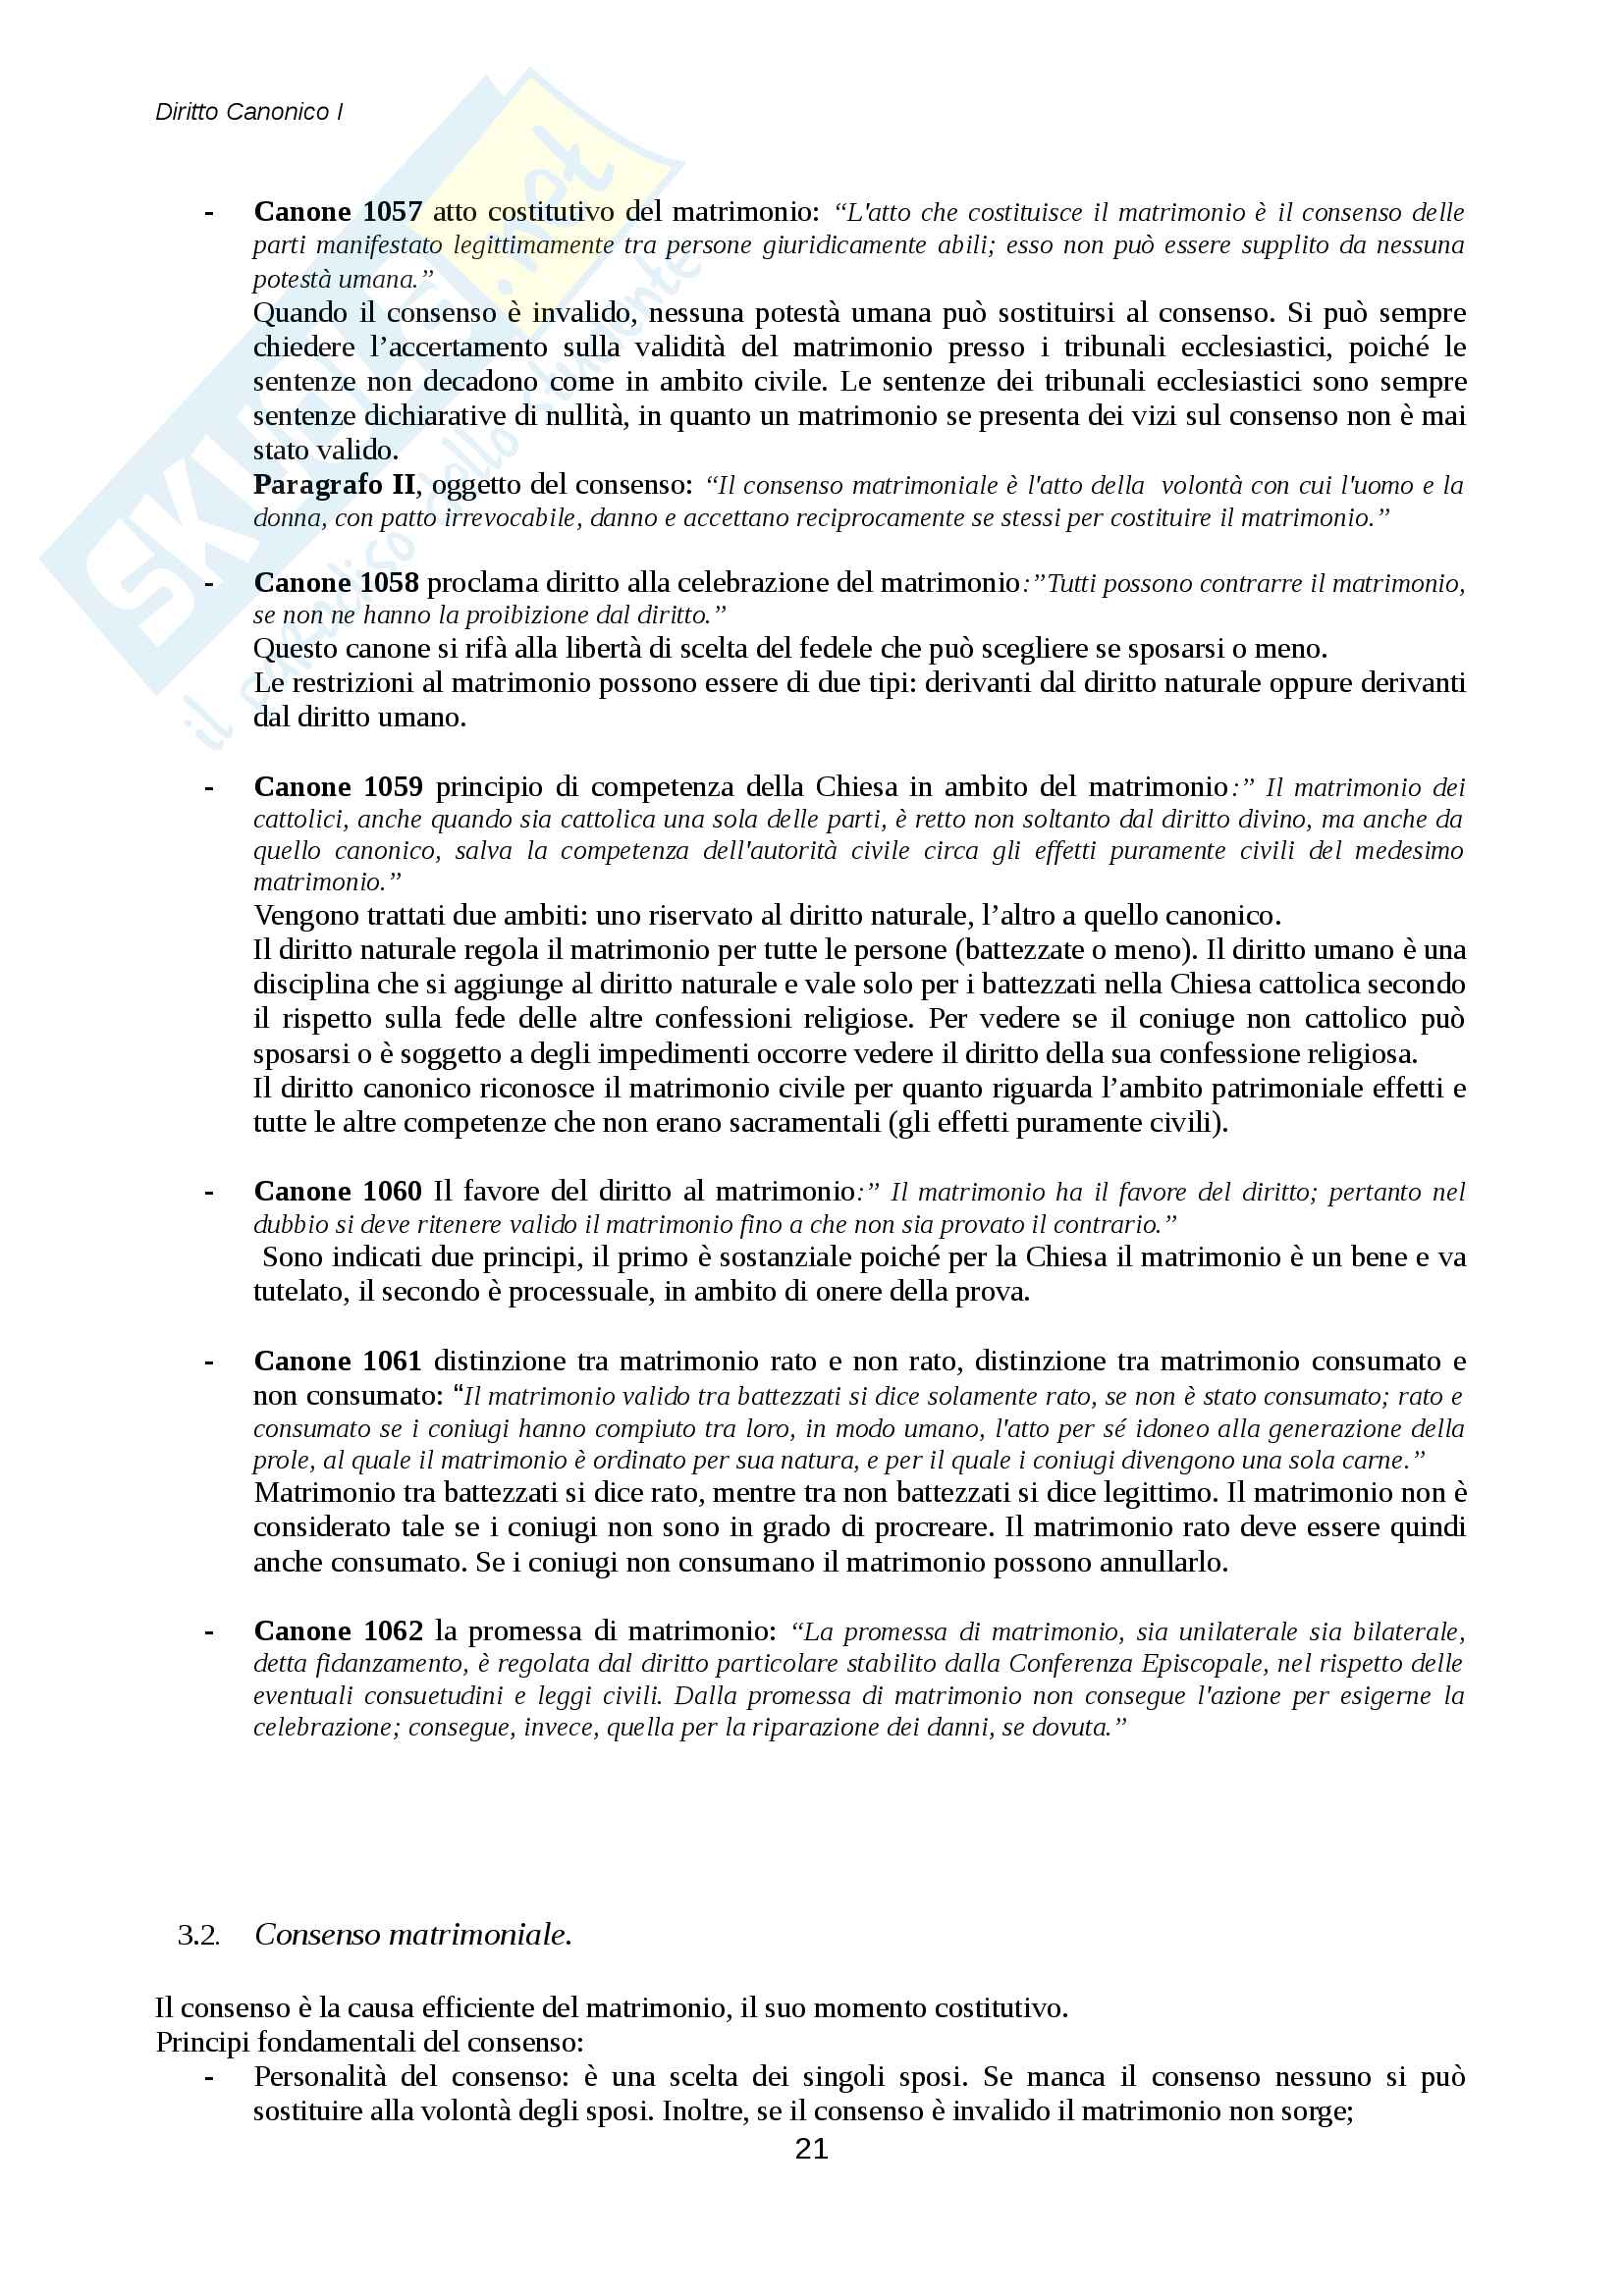 Diritto canonico Pag. 21